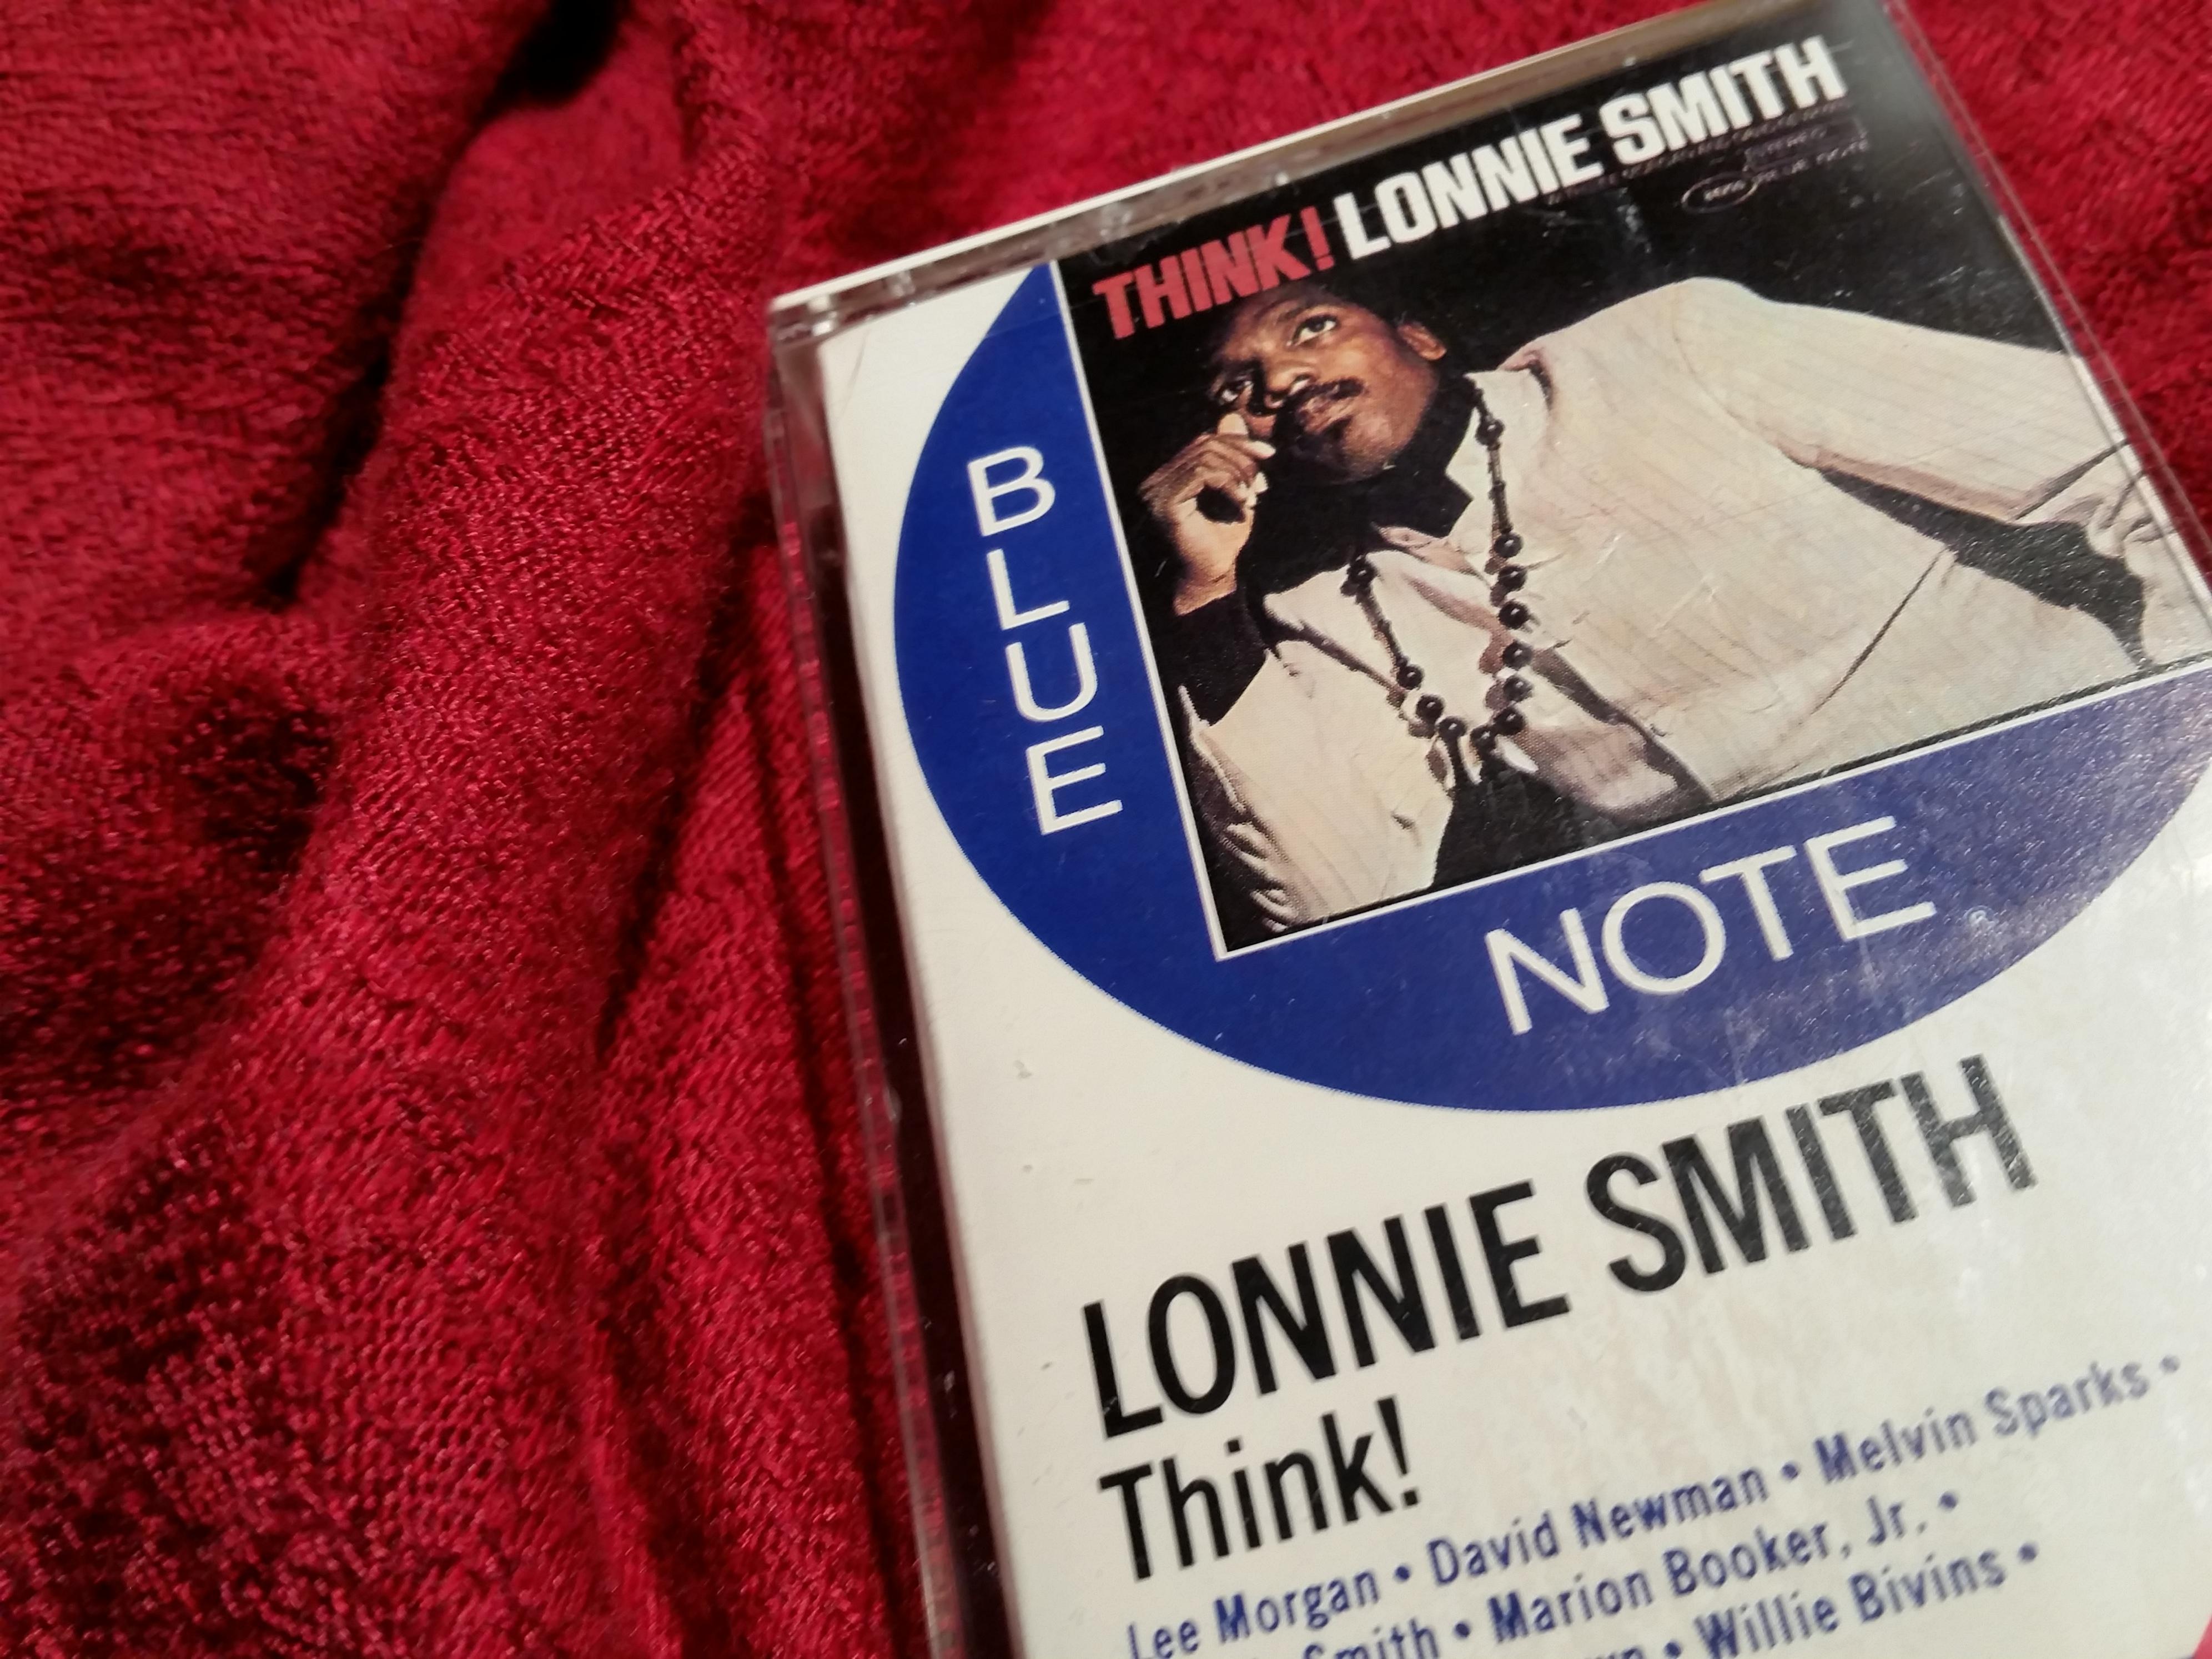 I'm Listening to Lonnie Smith